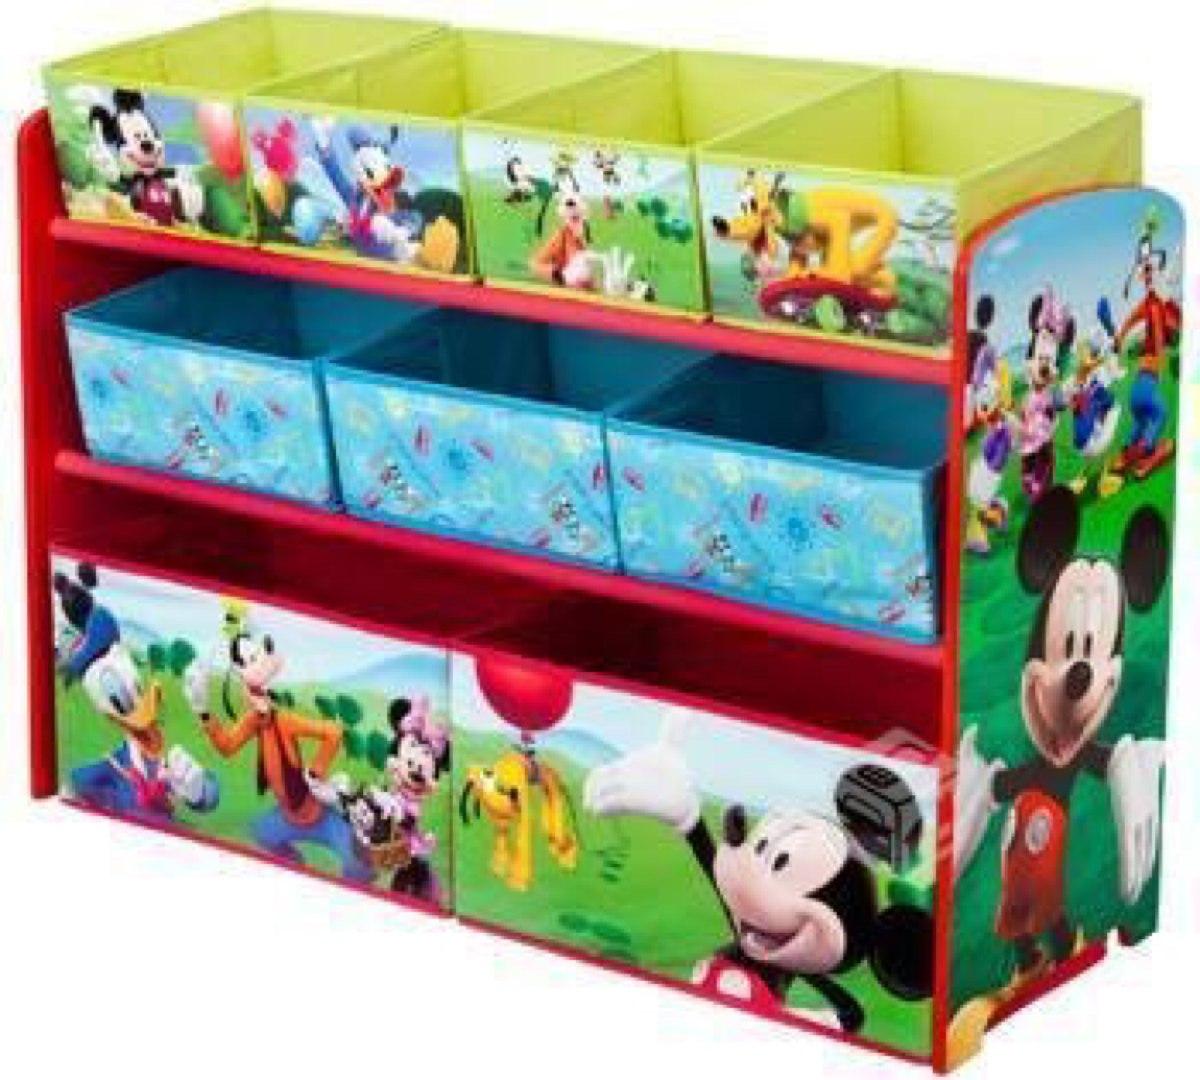 Mueble para juguetes mickey en mercado libre - Mueble organizador de juguetes ...